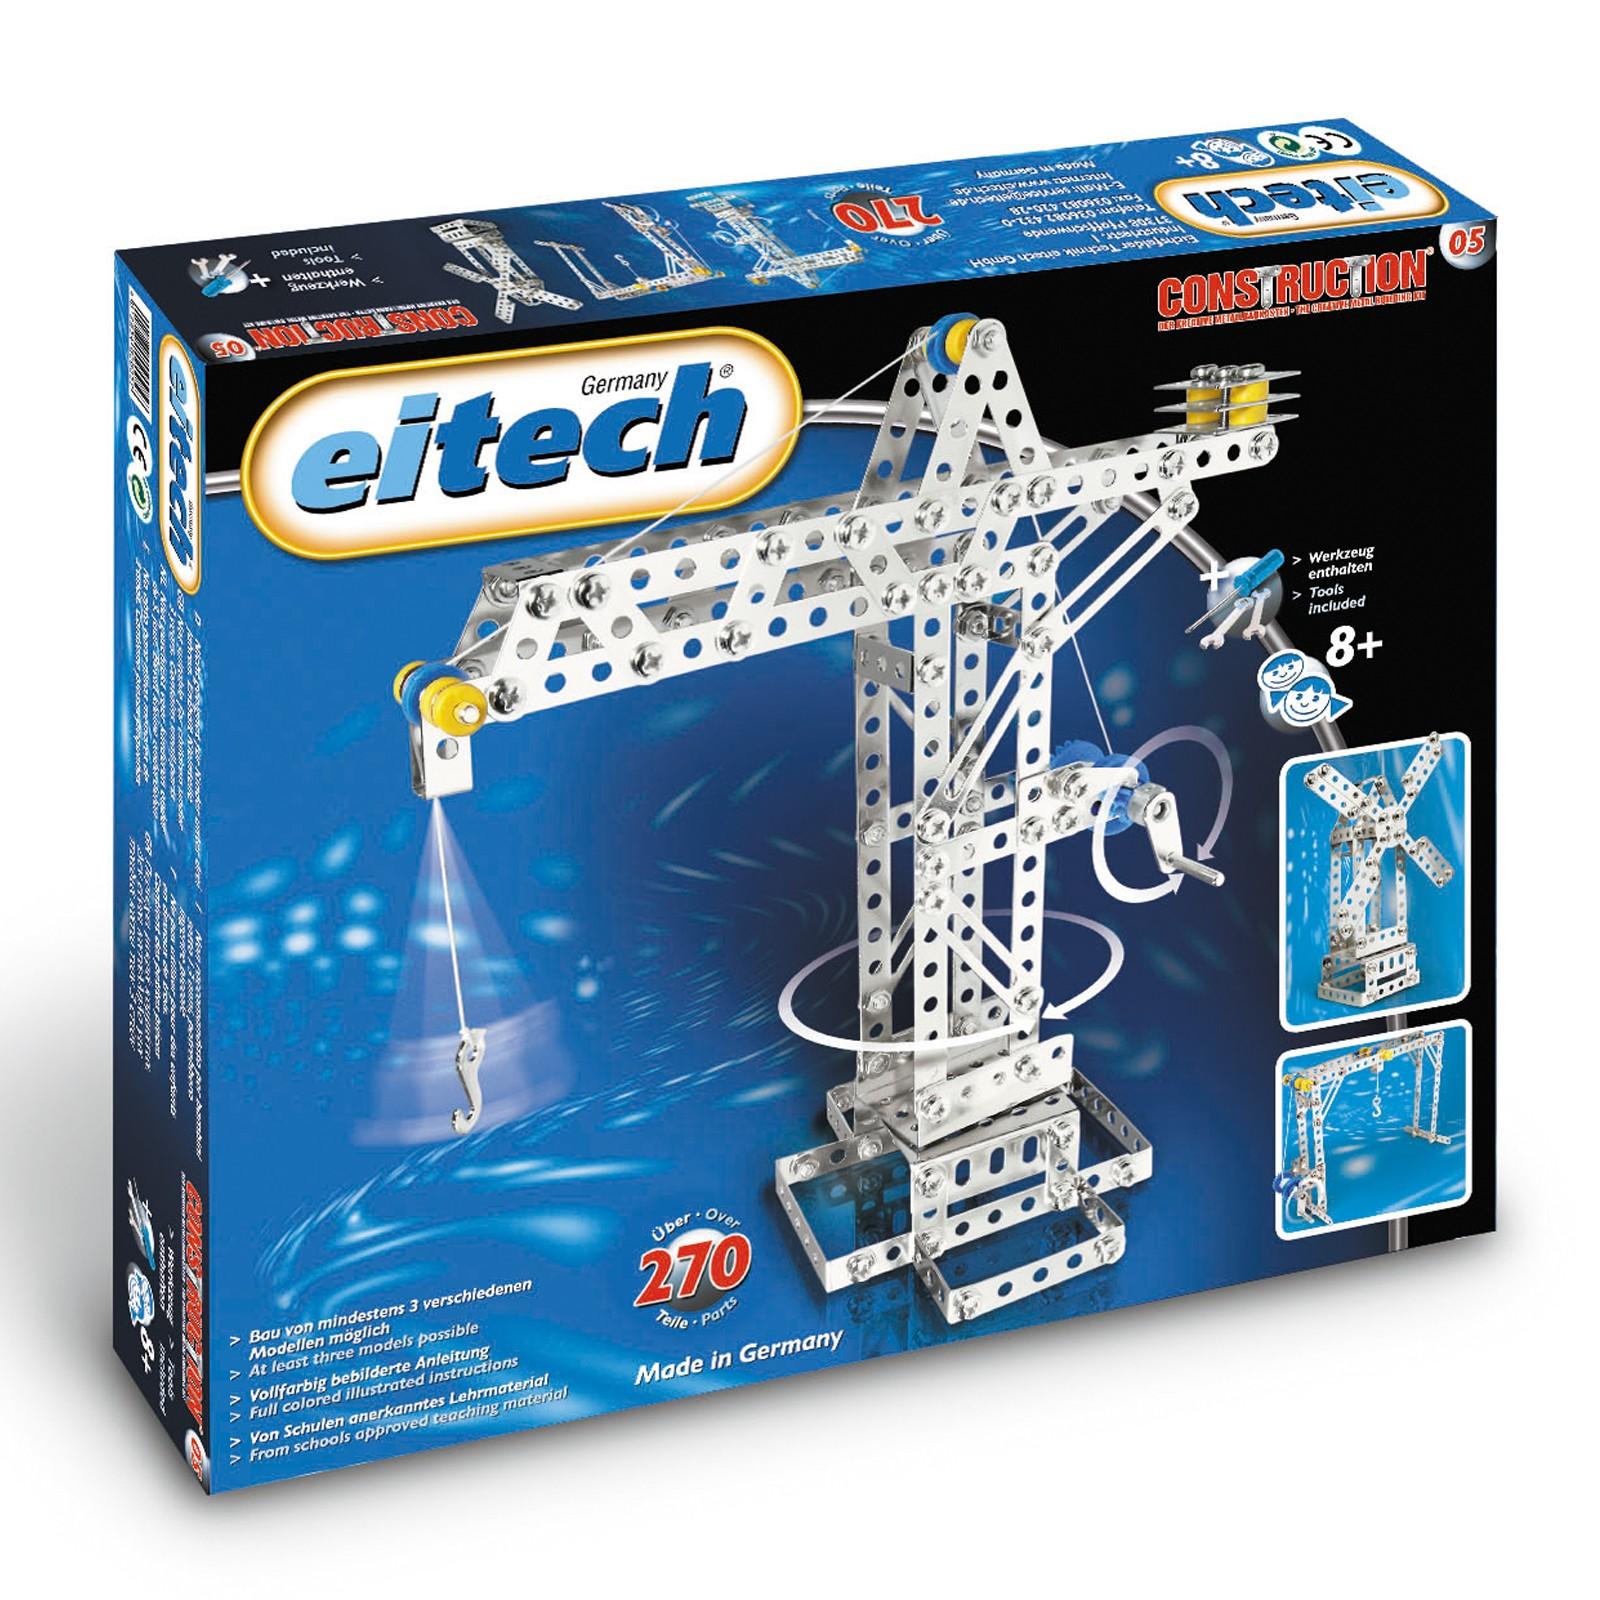 EITECH Metallbaukasten Universal Hebebrücke